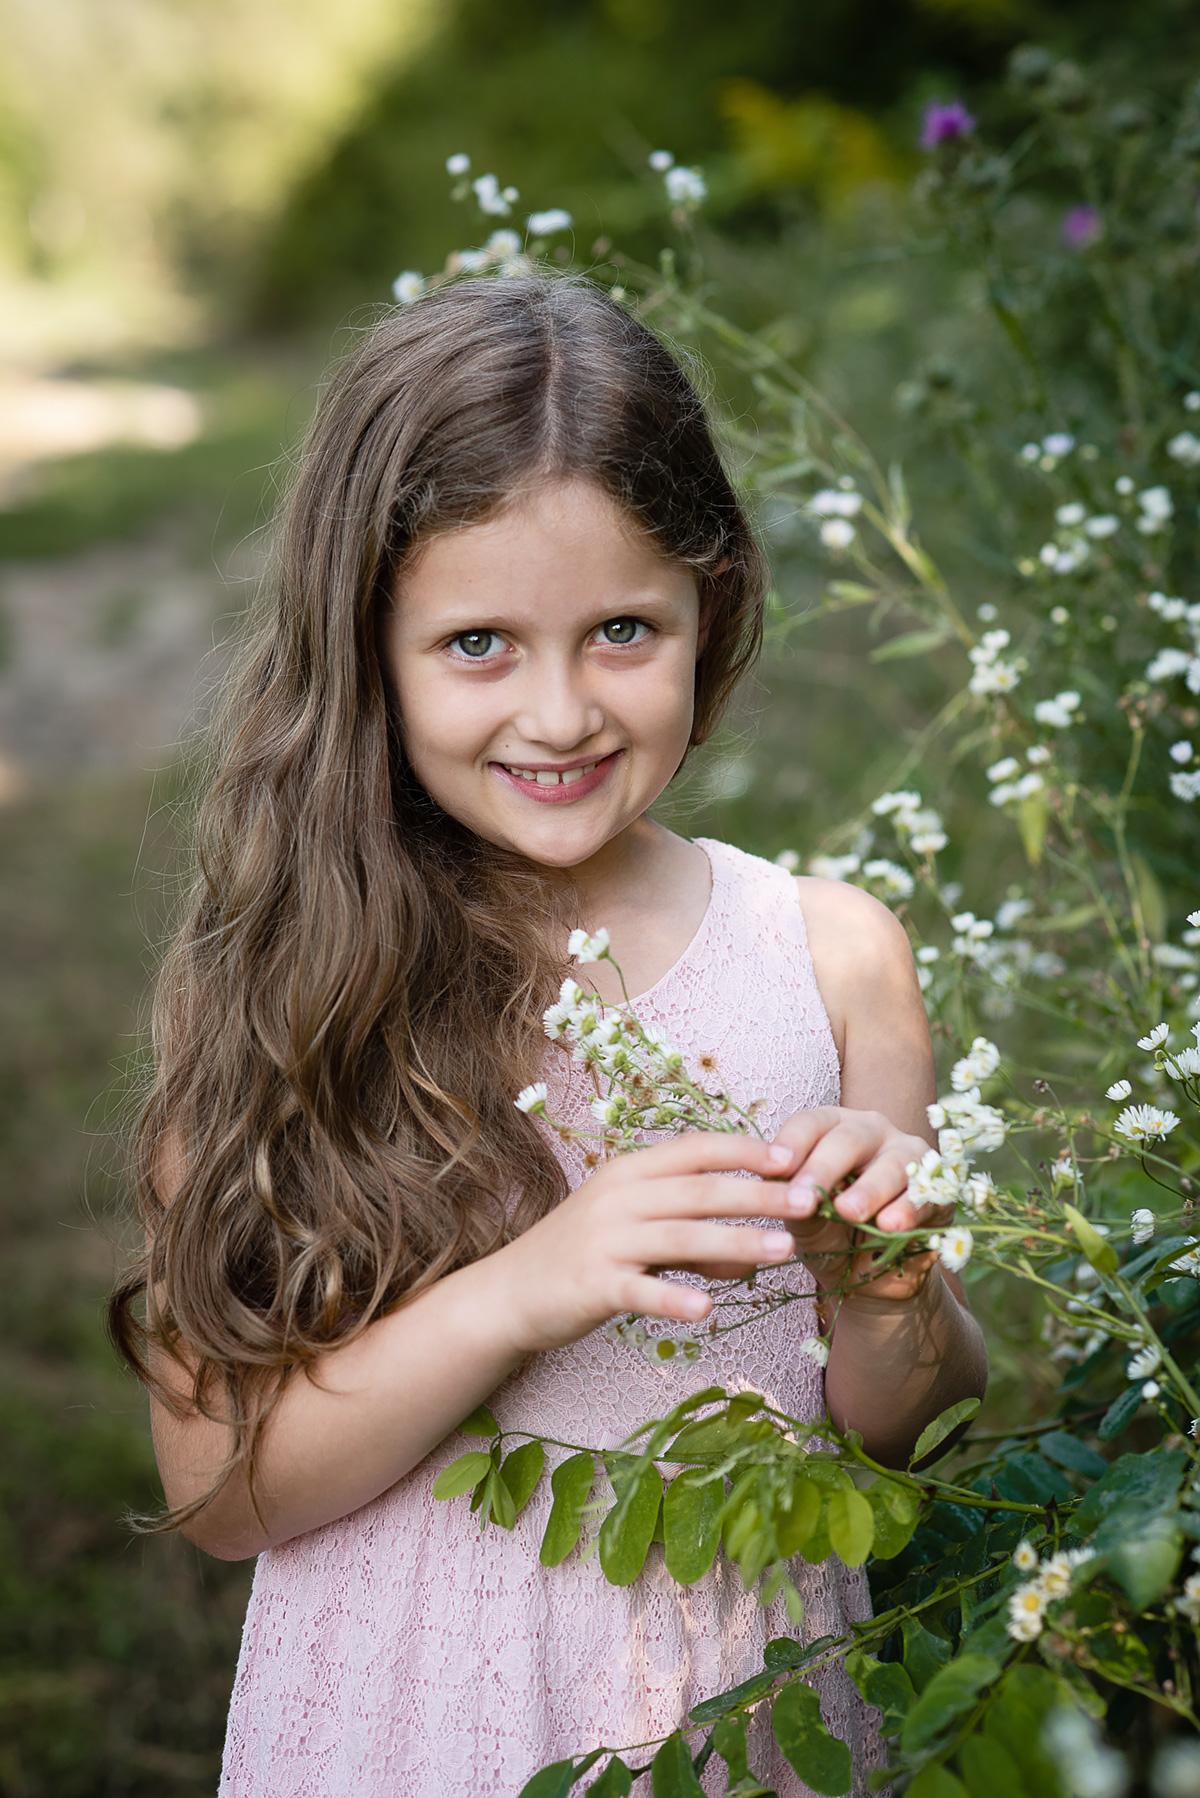 Dziewczynka na fotografii portretowej